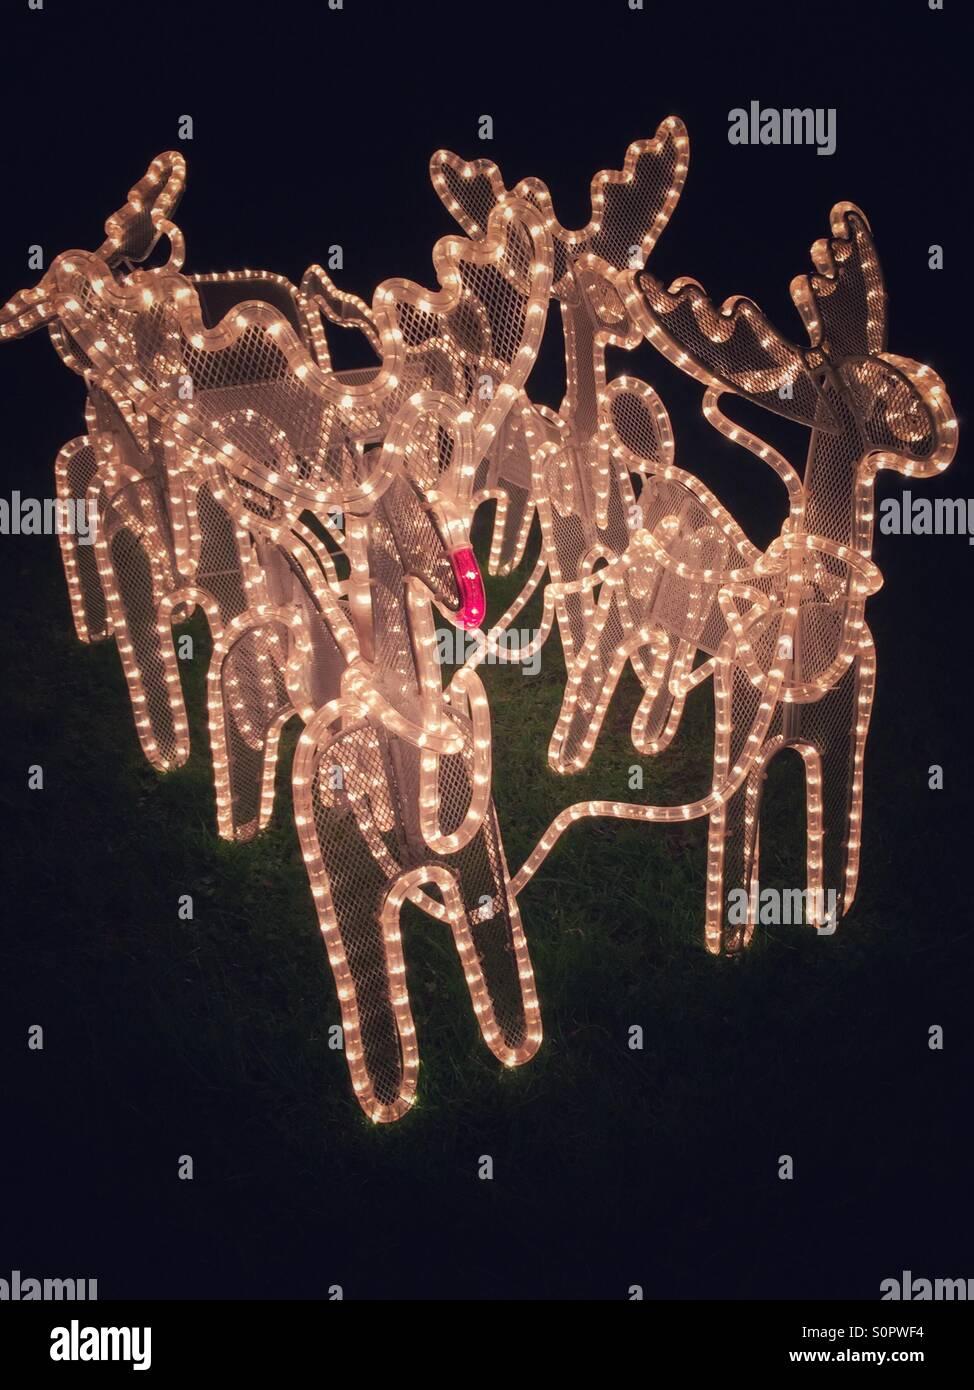 Santa's Christmas reindeer and sleigh garden lights - Stock Image